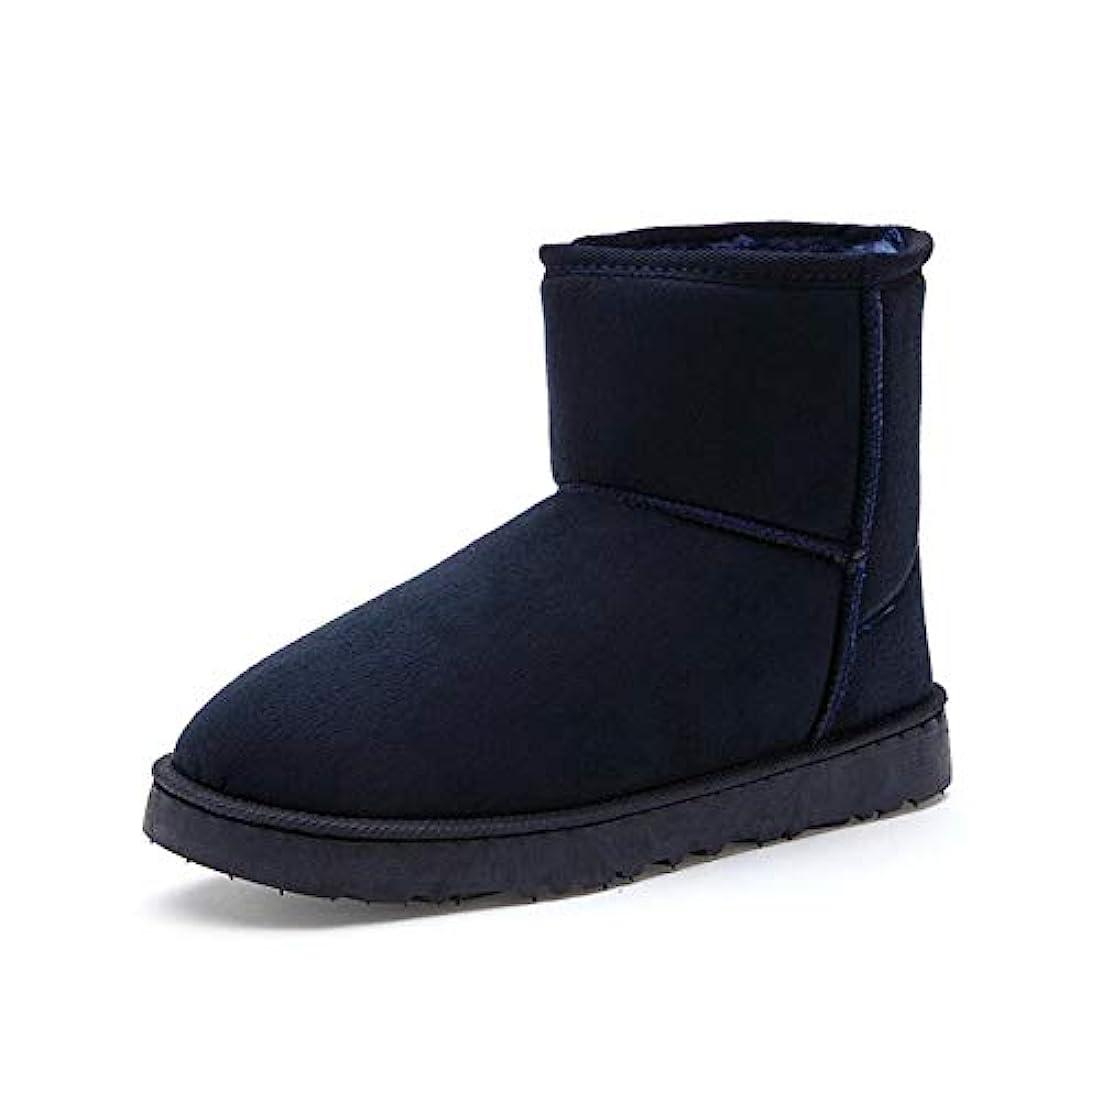 最後の口ひげキリマンジャロ女性のブーツ、冬新しい韓国の男性と女性のカップルのスノーブーツショートブーツプラスベルベットの学生野生の暖かい綿の靴 (色 : C, サイズ : 45)